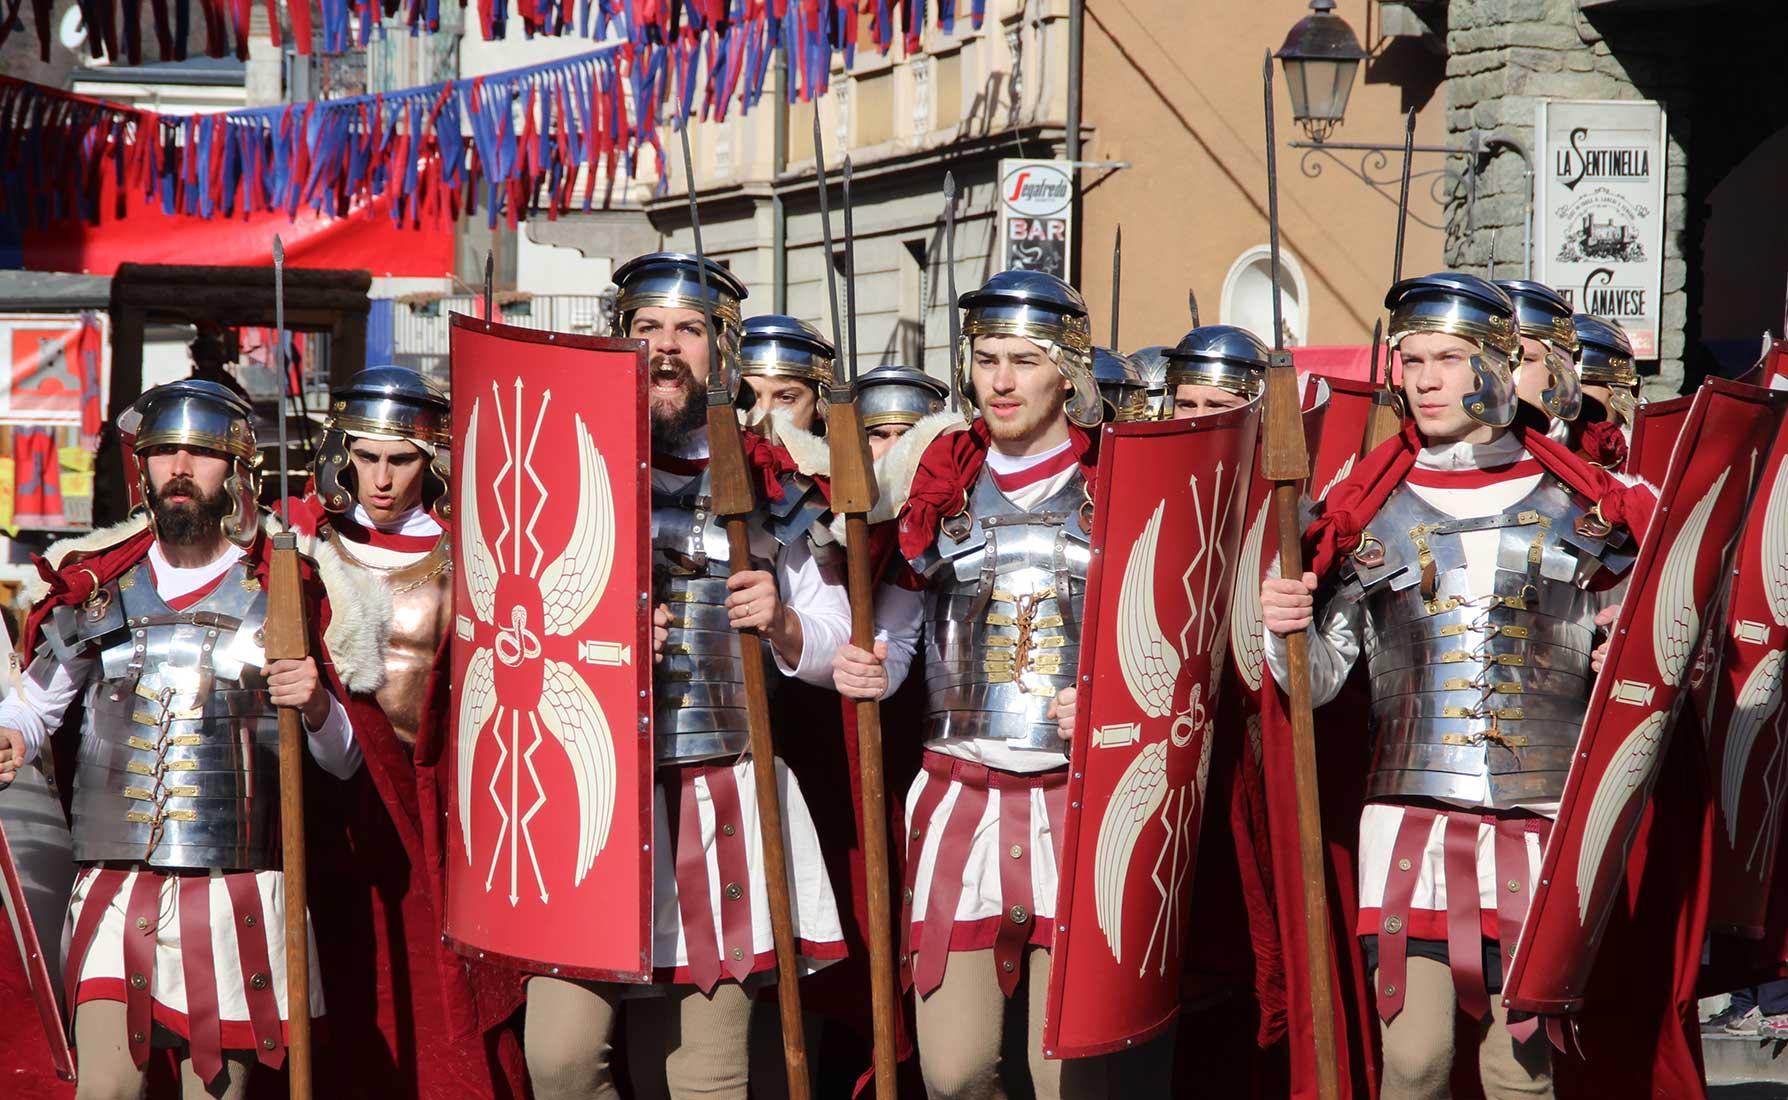 Il rione Vicus Colubris sfila per le vie del centro storico